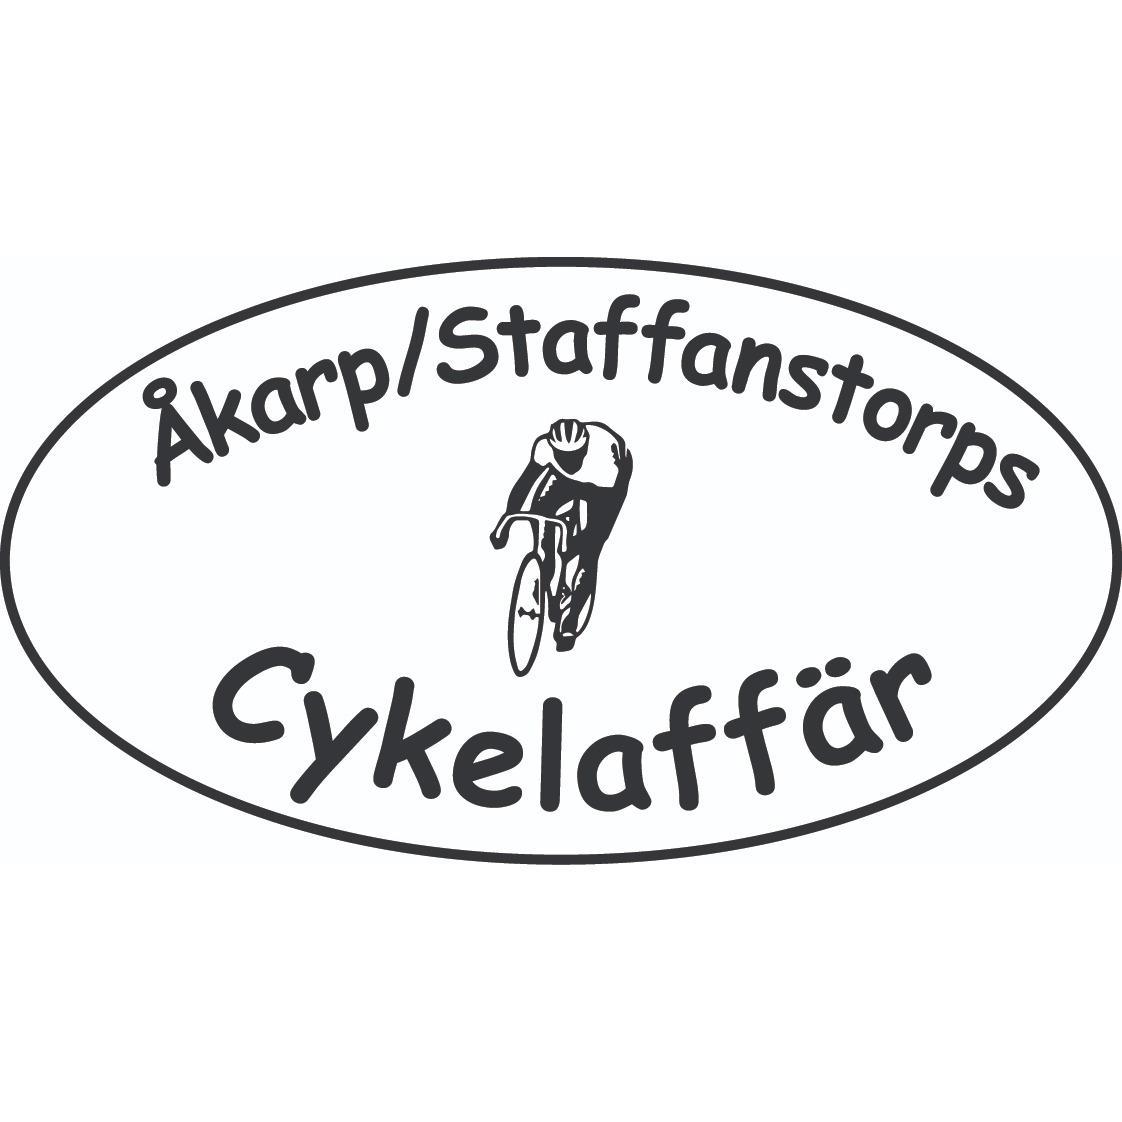 Åkarp / Staffanstorps Cykelaffär AB